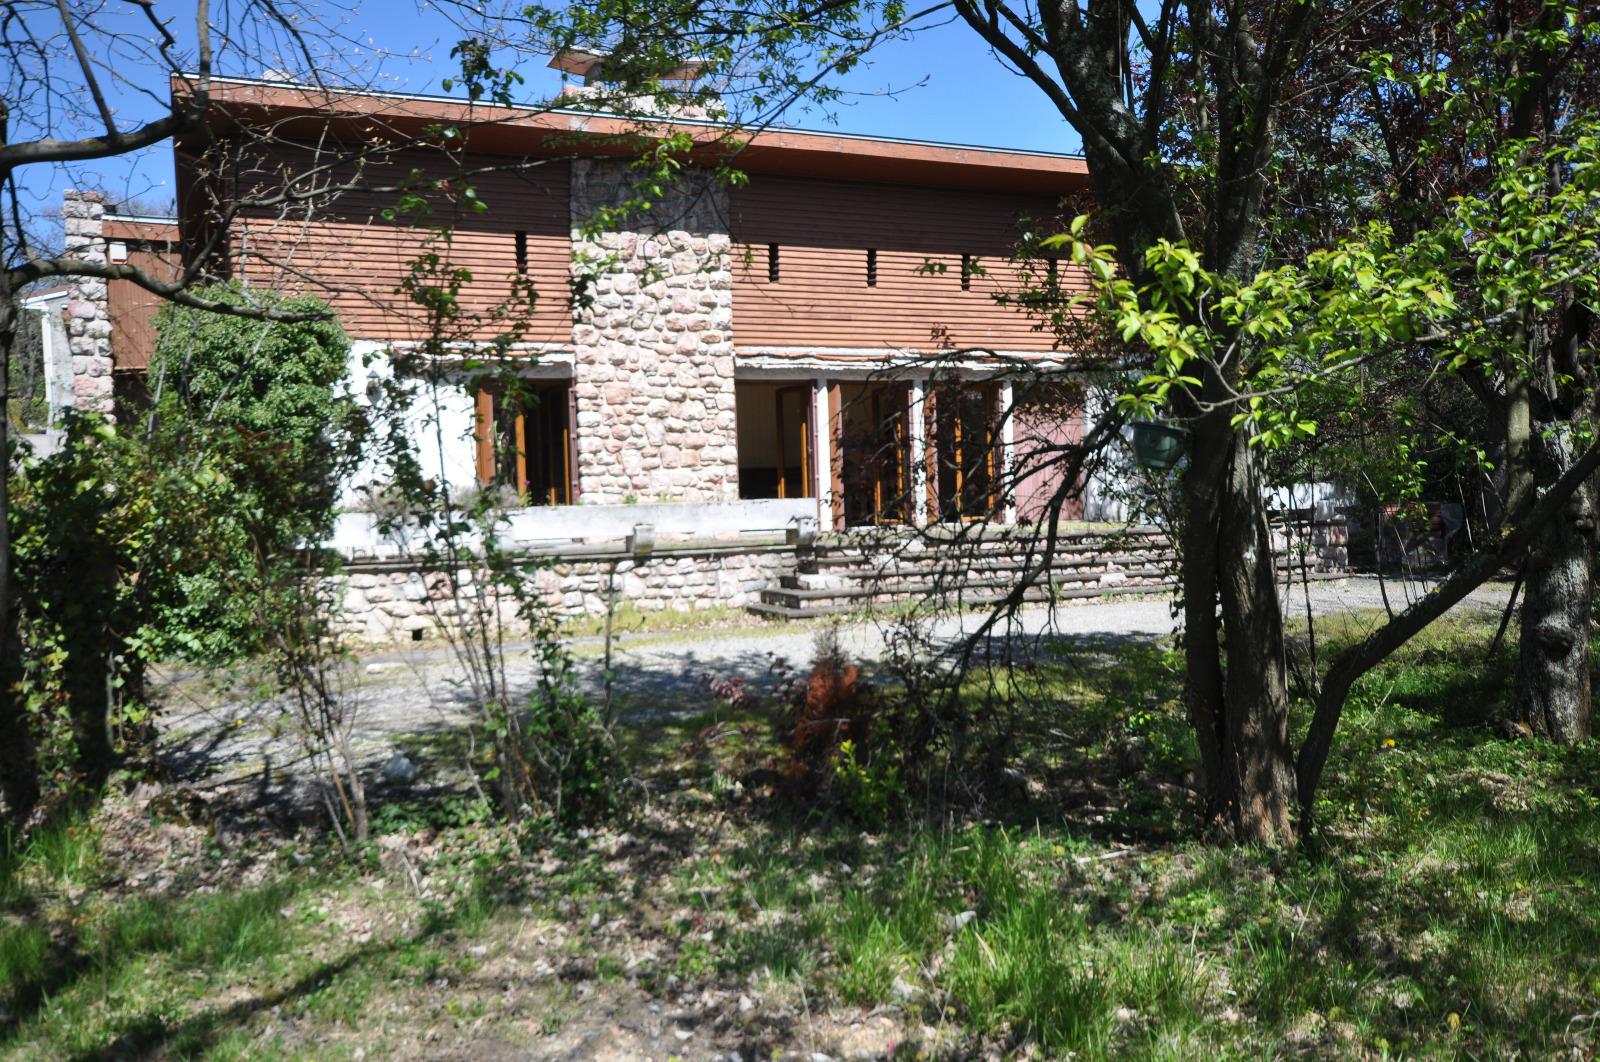 Lavelanet lavelanet maison de plain pied avec piscine for Achat maison plain pied